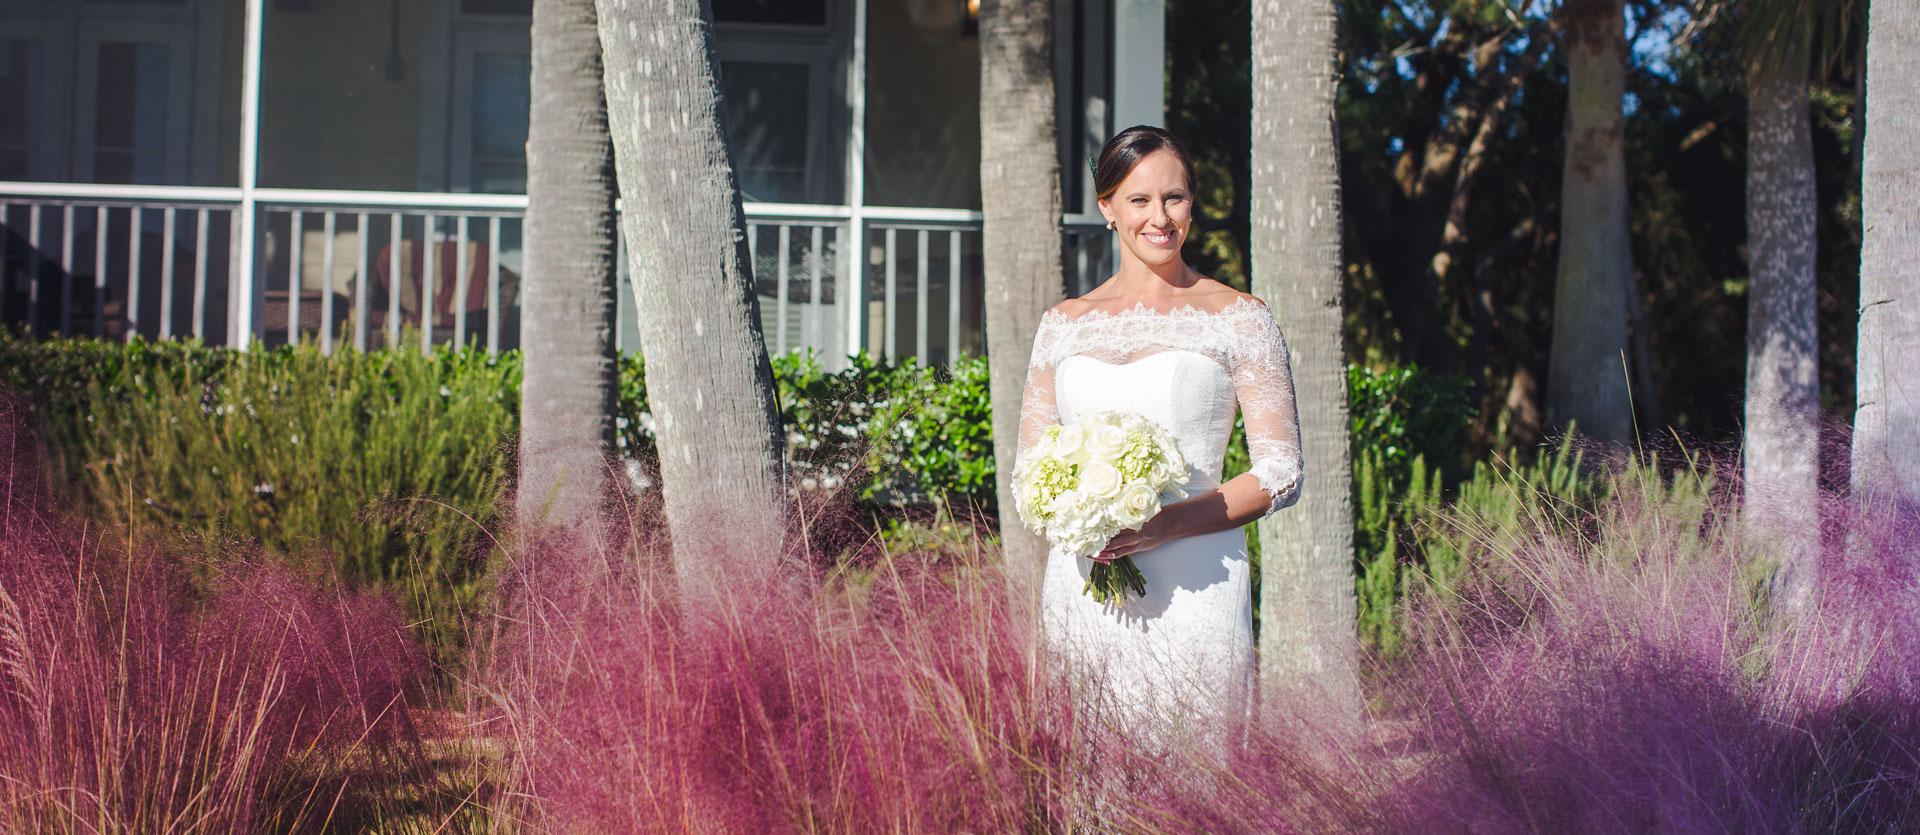 kelly-the-bride